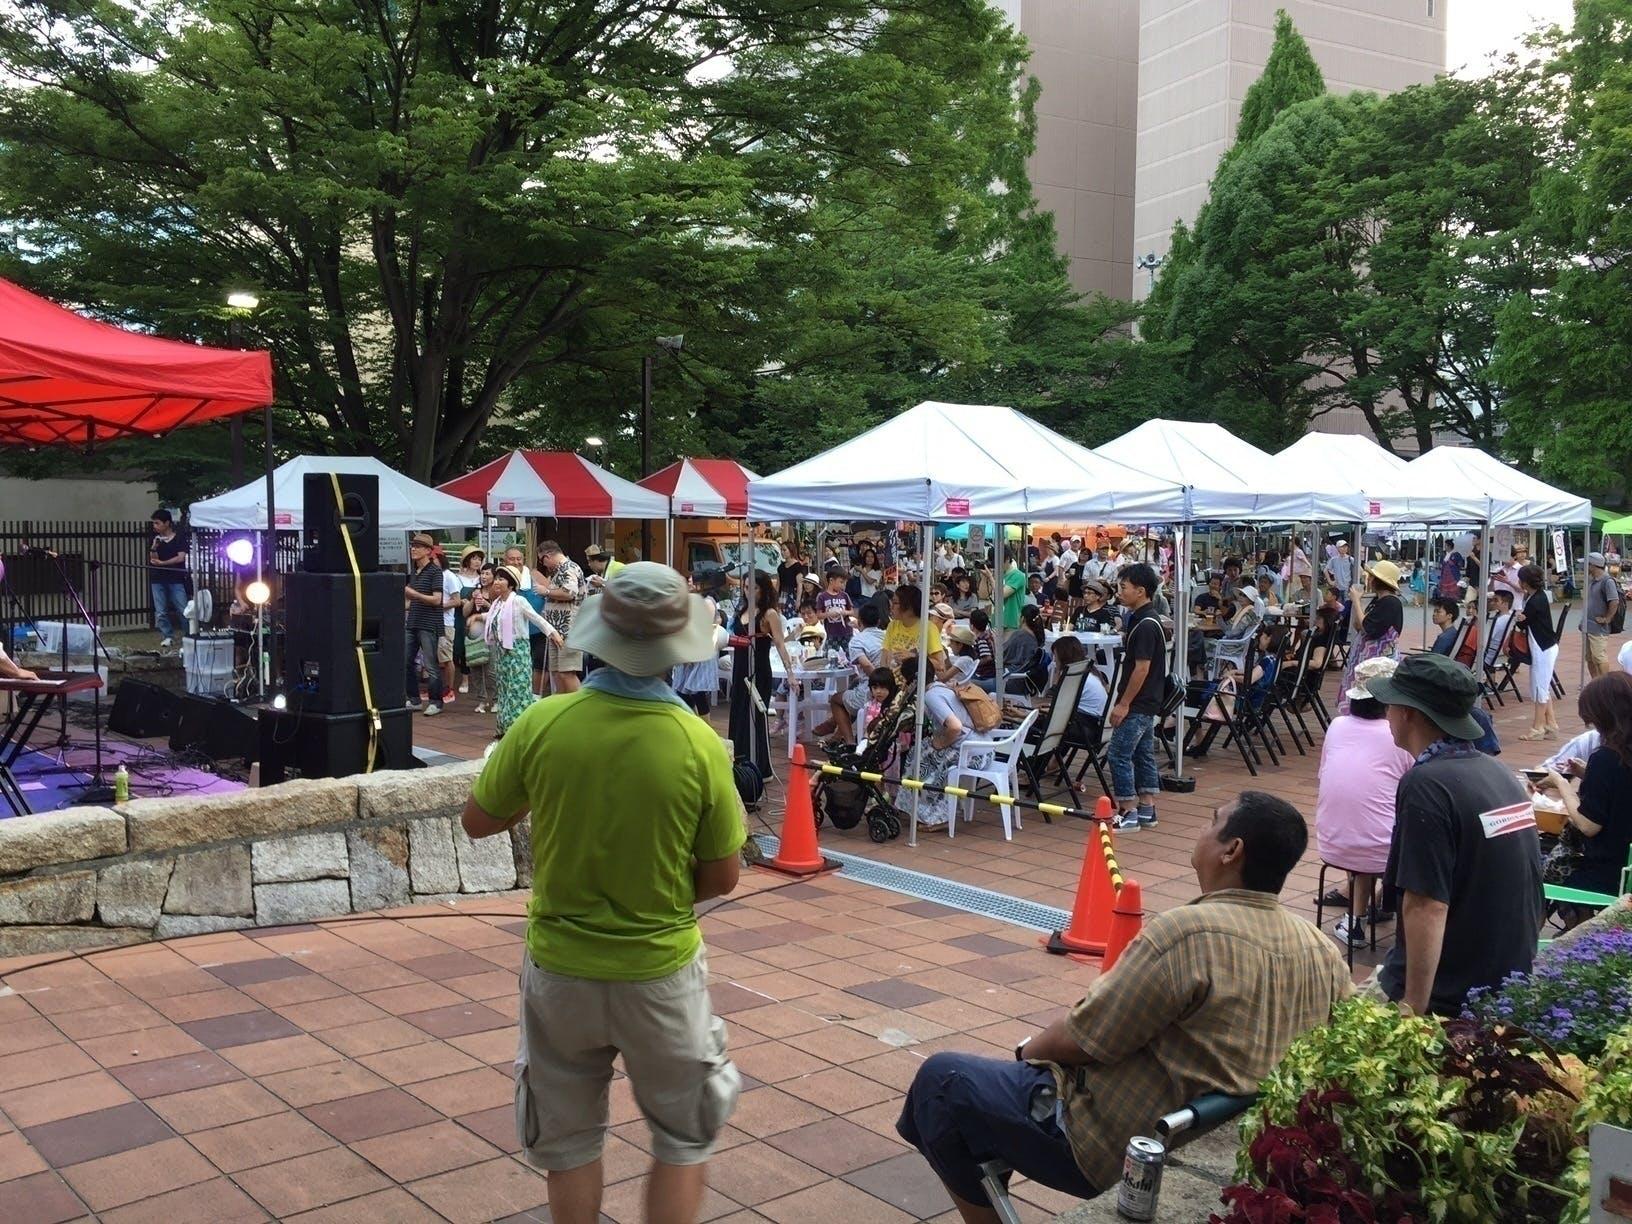 「平和と愛の音楽の祭典 夏フェス Summer of Love」の画像検索結果